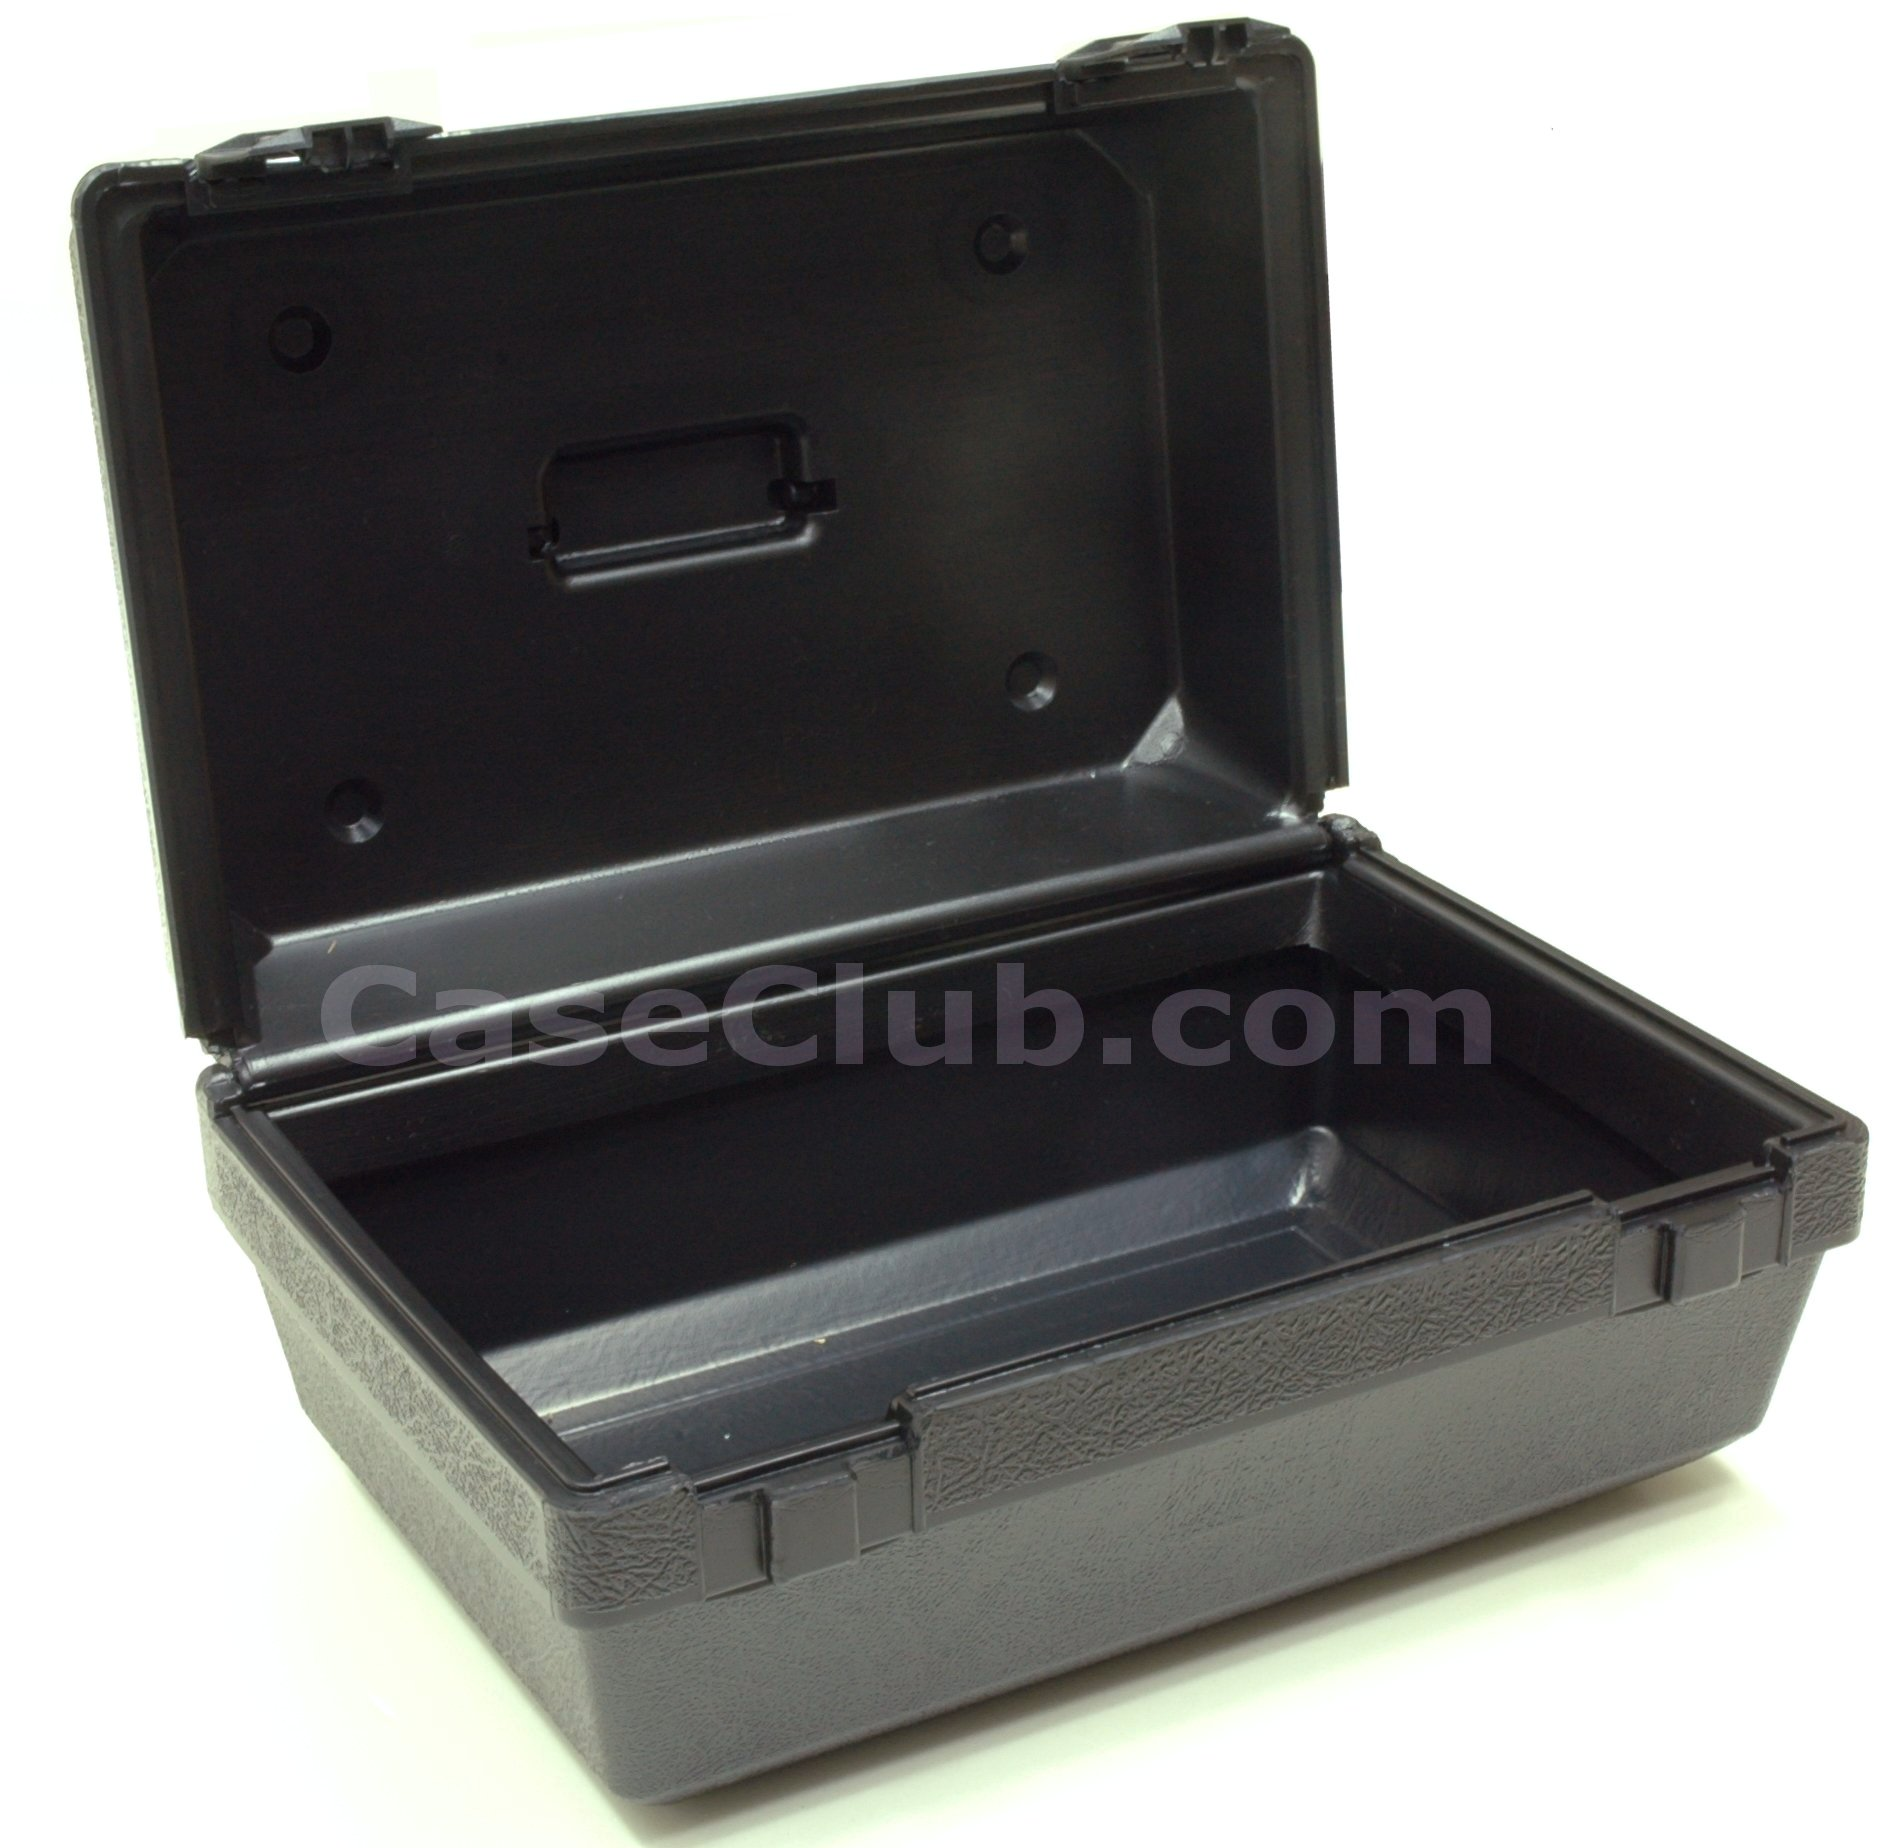 W15x10x7.75 Case